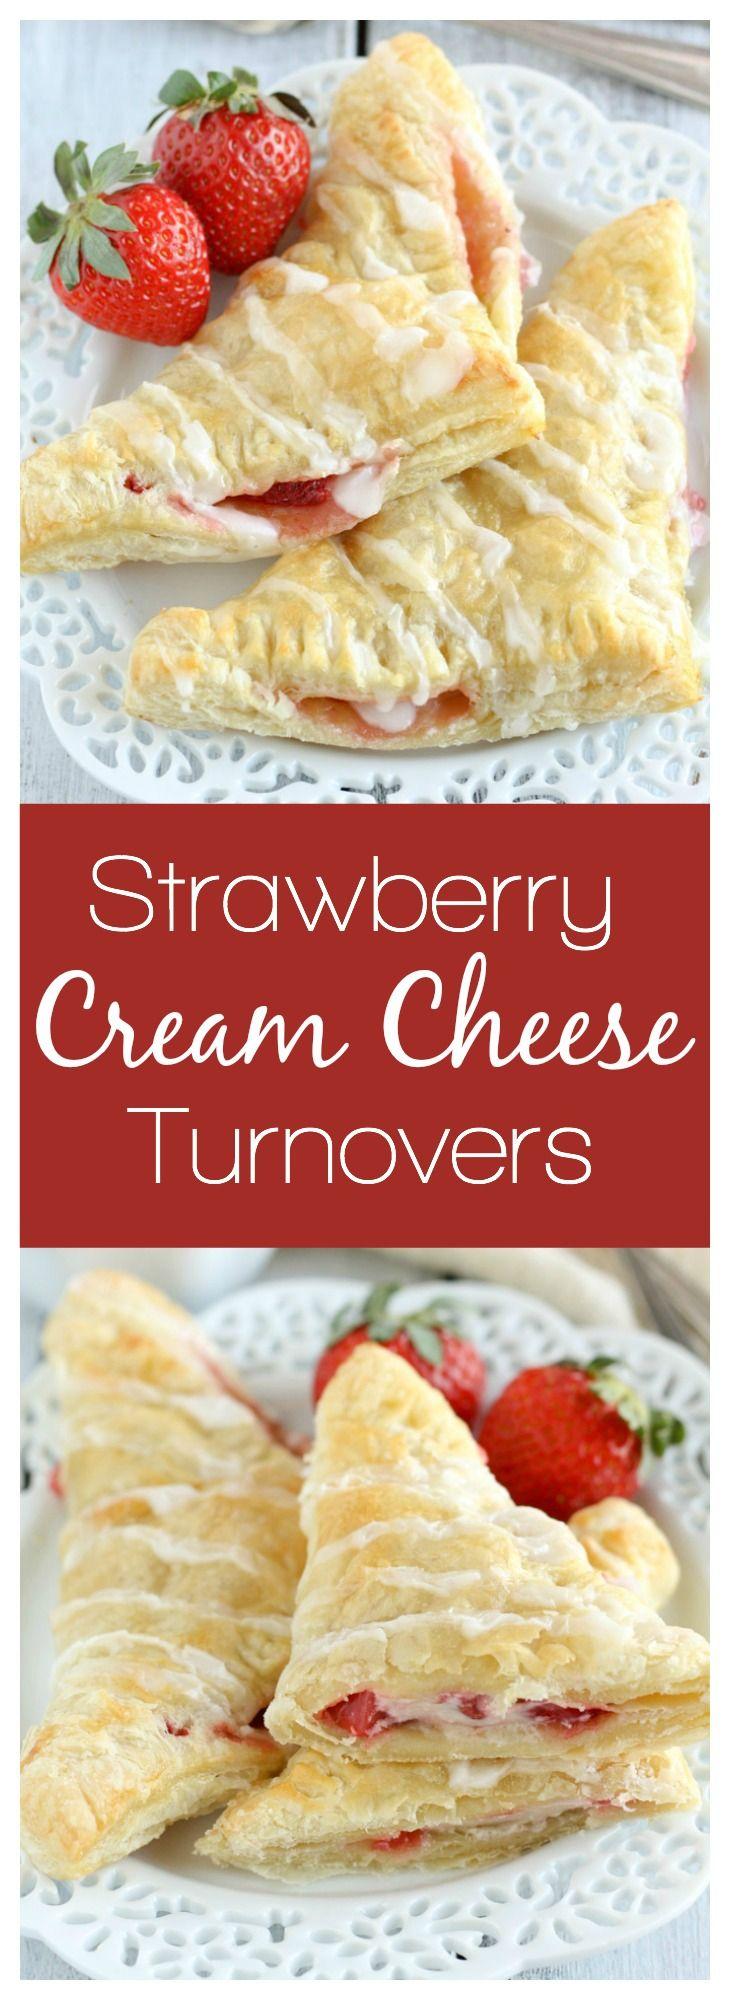 Strawberry Cream Cheese Turnovers